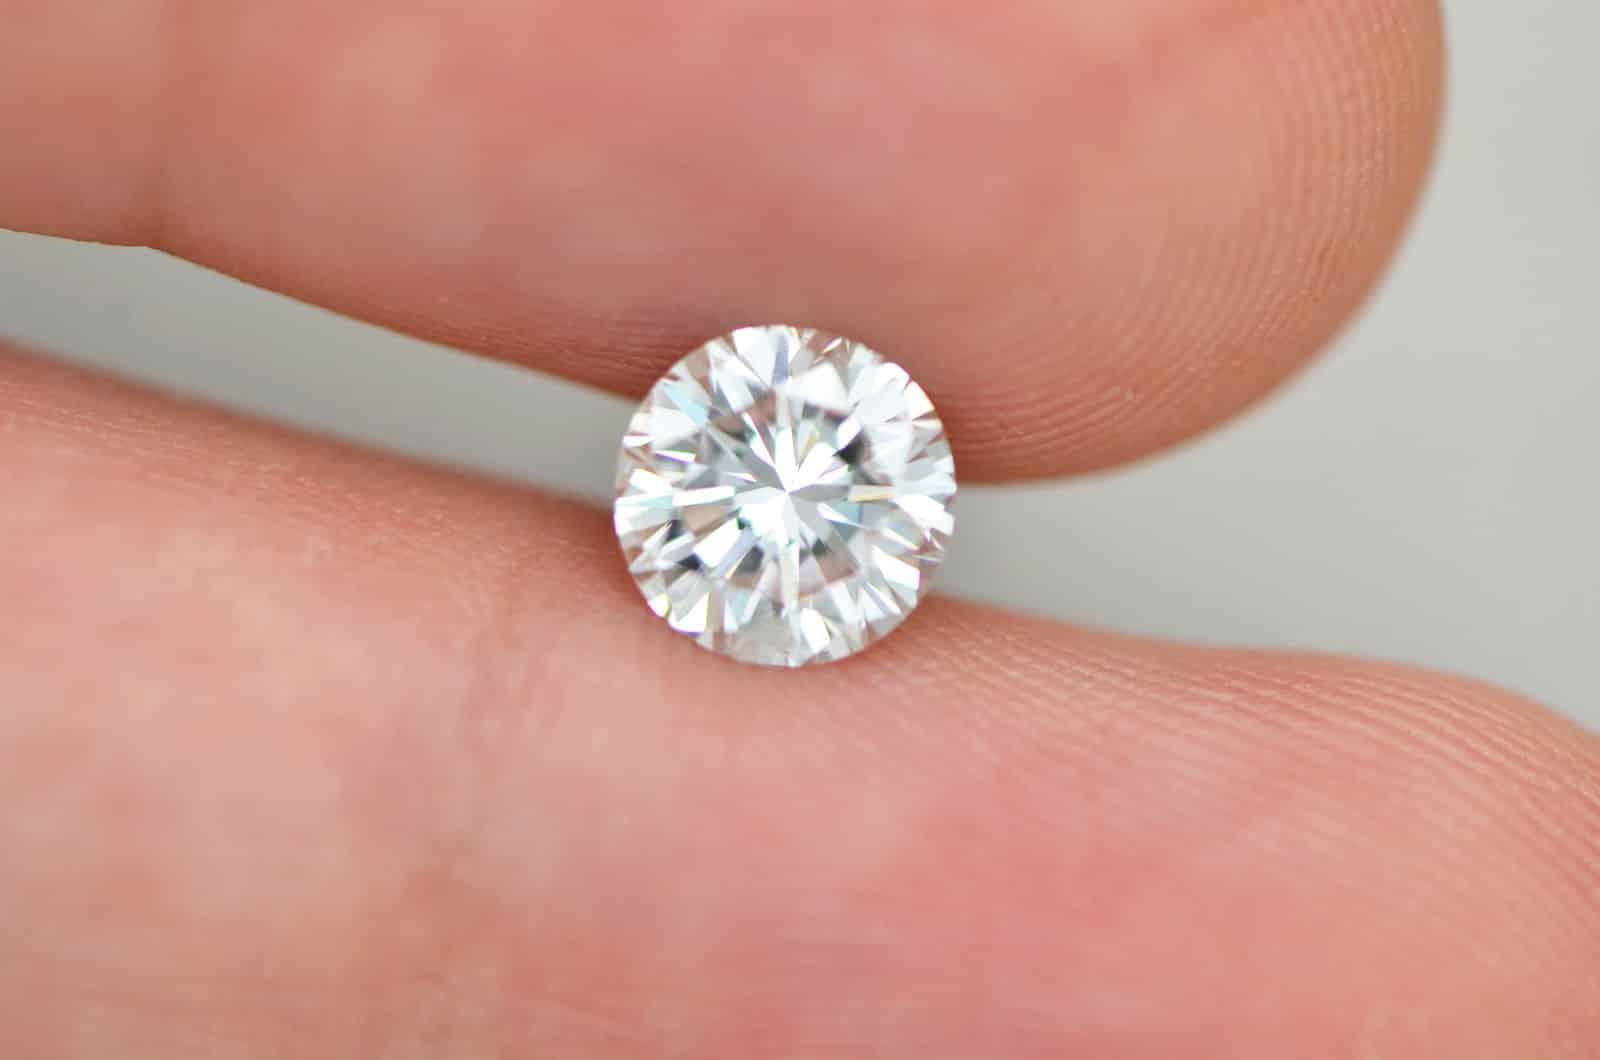 Карат бриллианта и размеры камня в миллиметрах